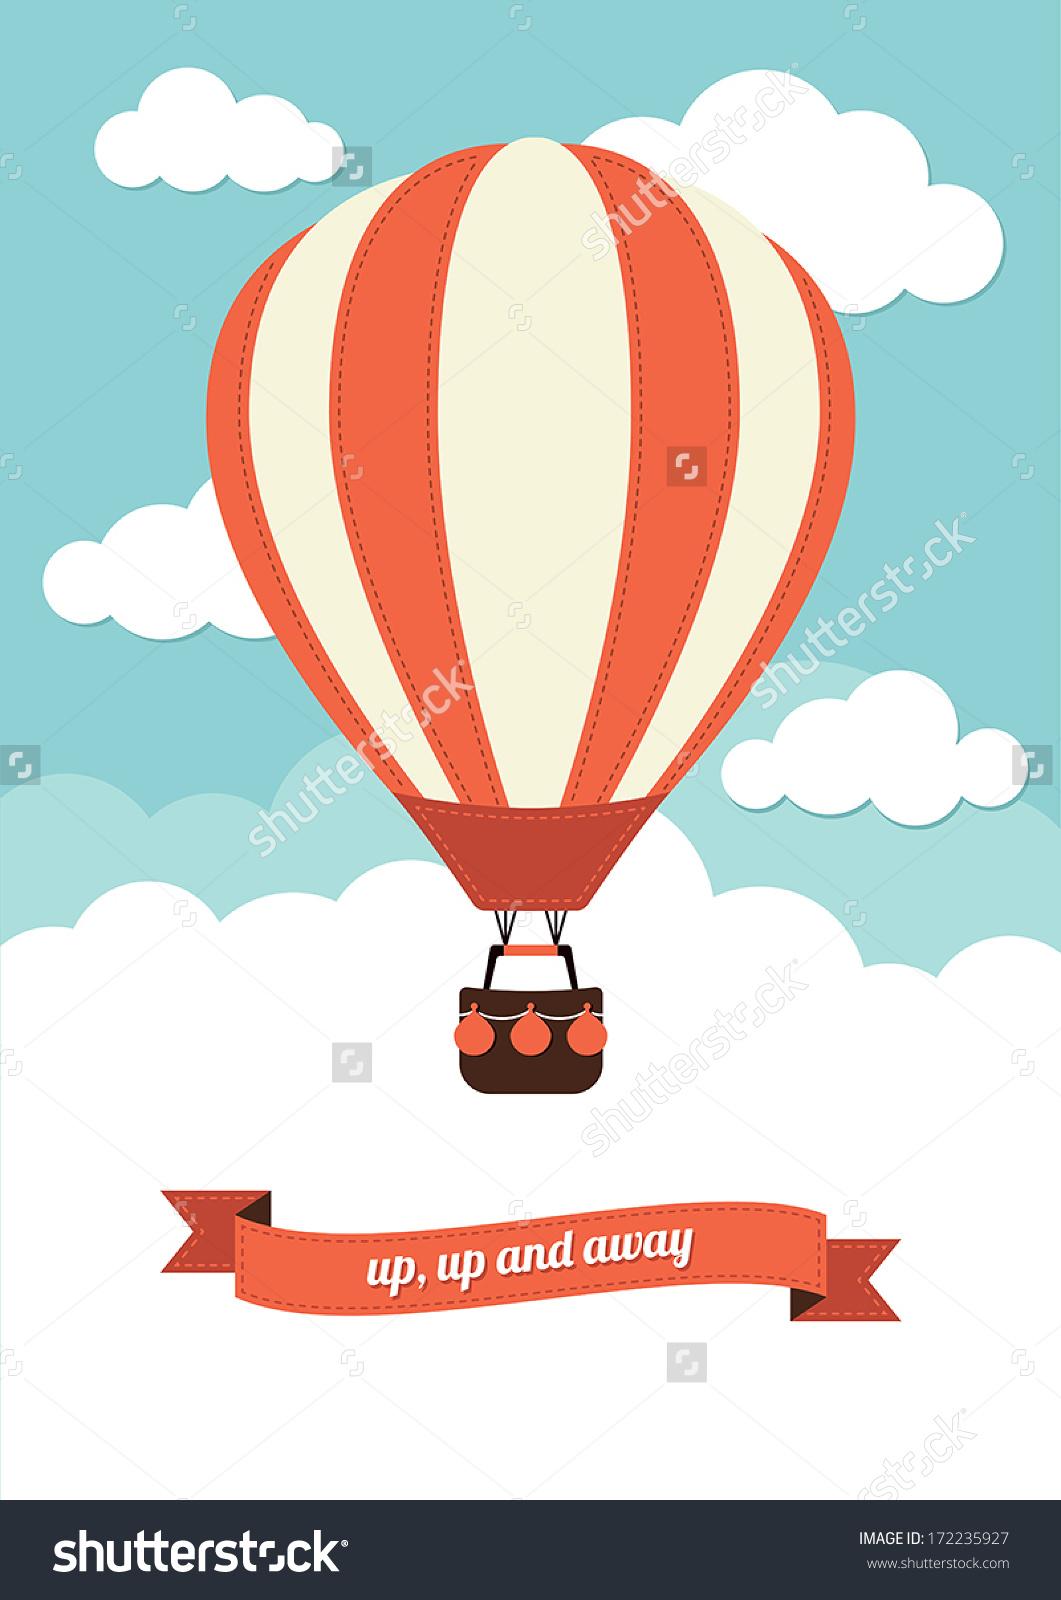 Hot Air Balloon Vector Graphic Stock Vector 172235927.